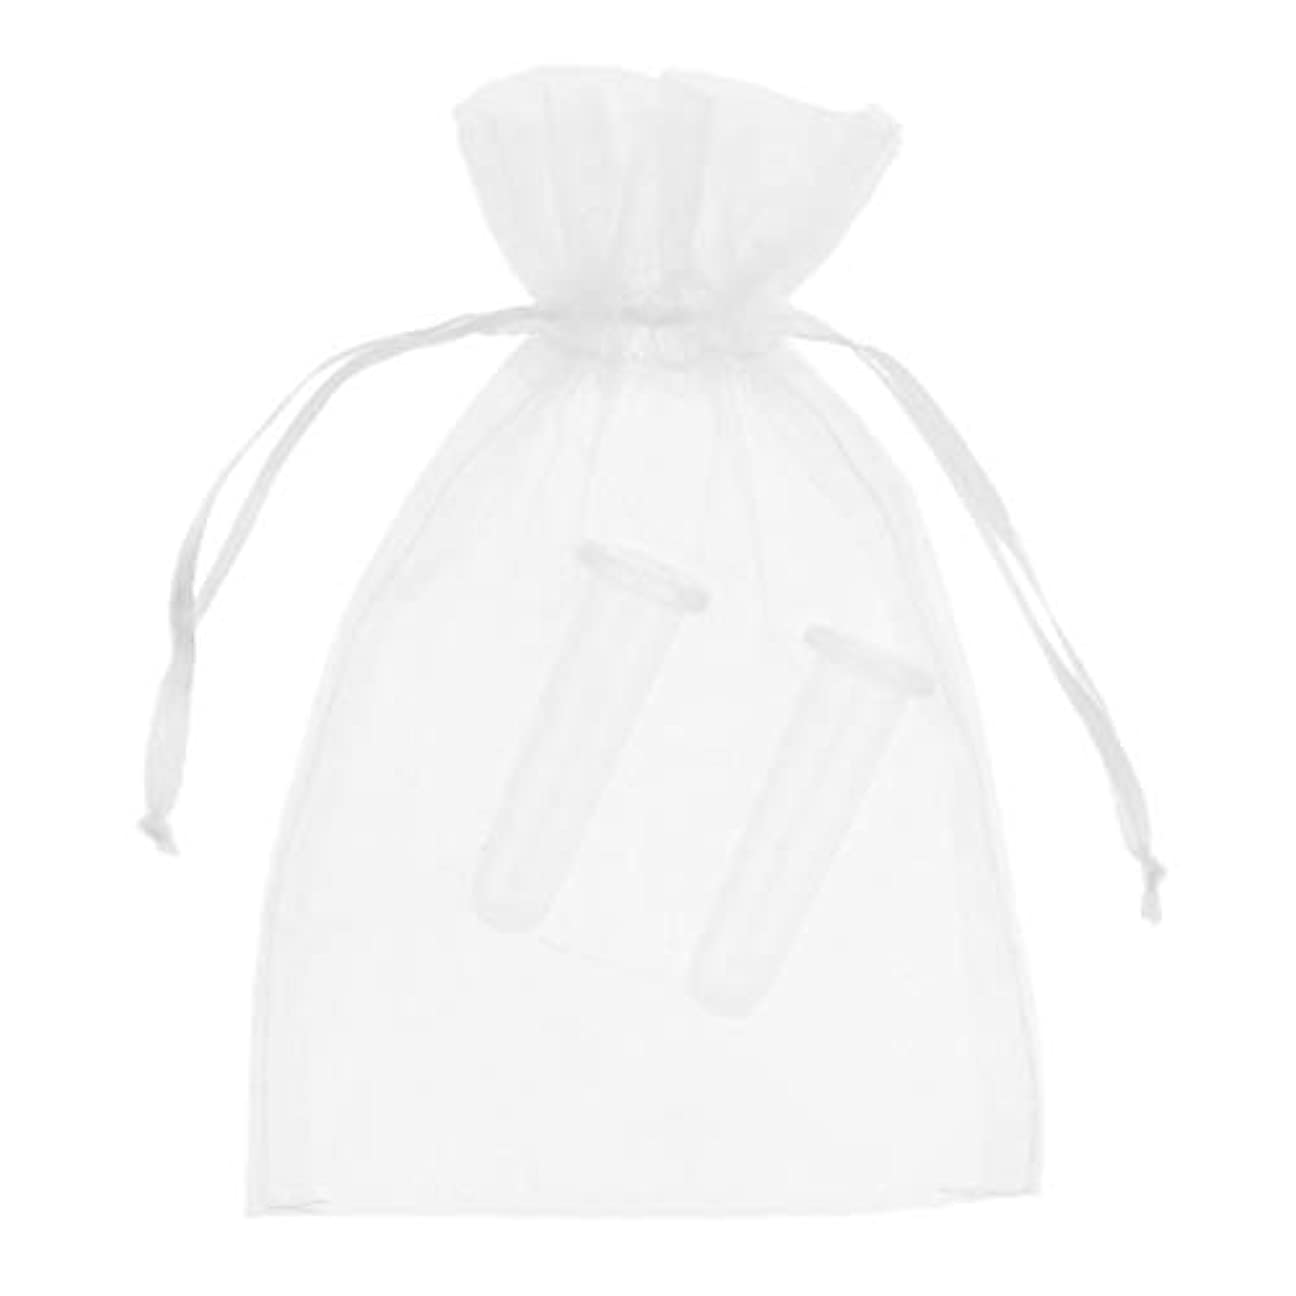 先入観プラス手順シリコーン製 真空 顔用マッサージ カッピング 吸い玉カップ カッピング 収納ポーチ付き 2個 全2色 - ホワイト